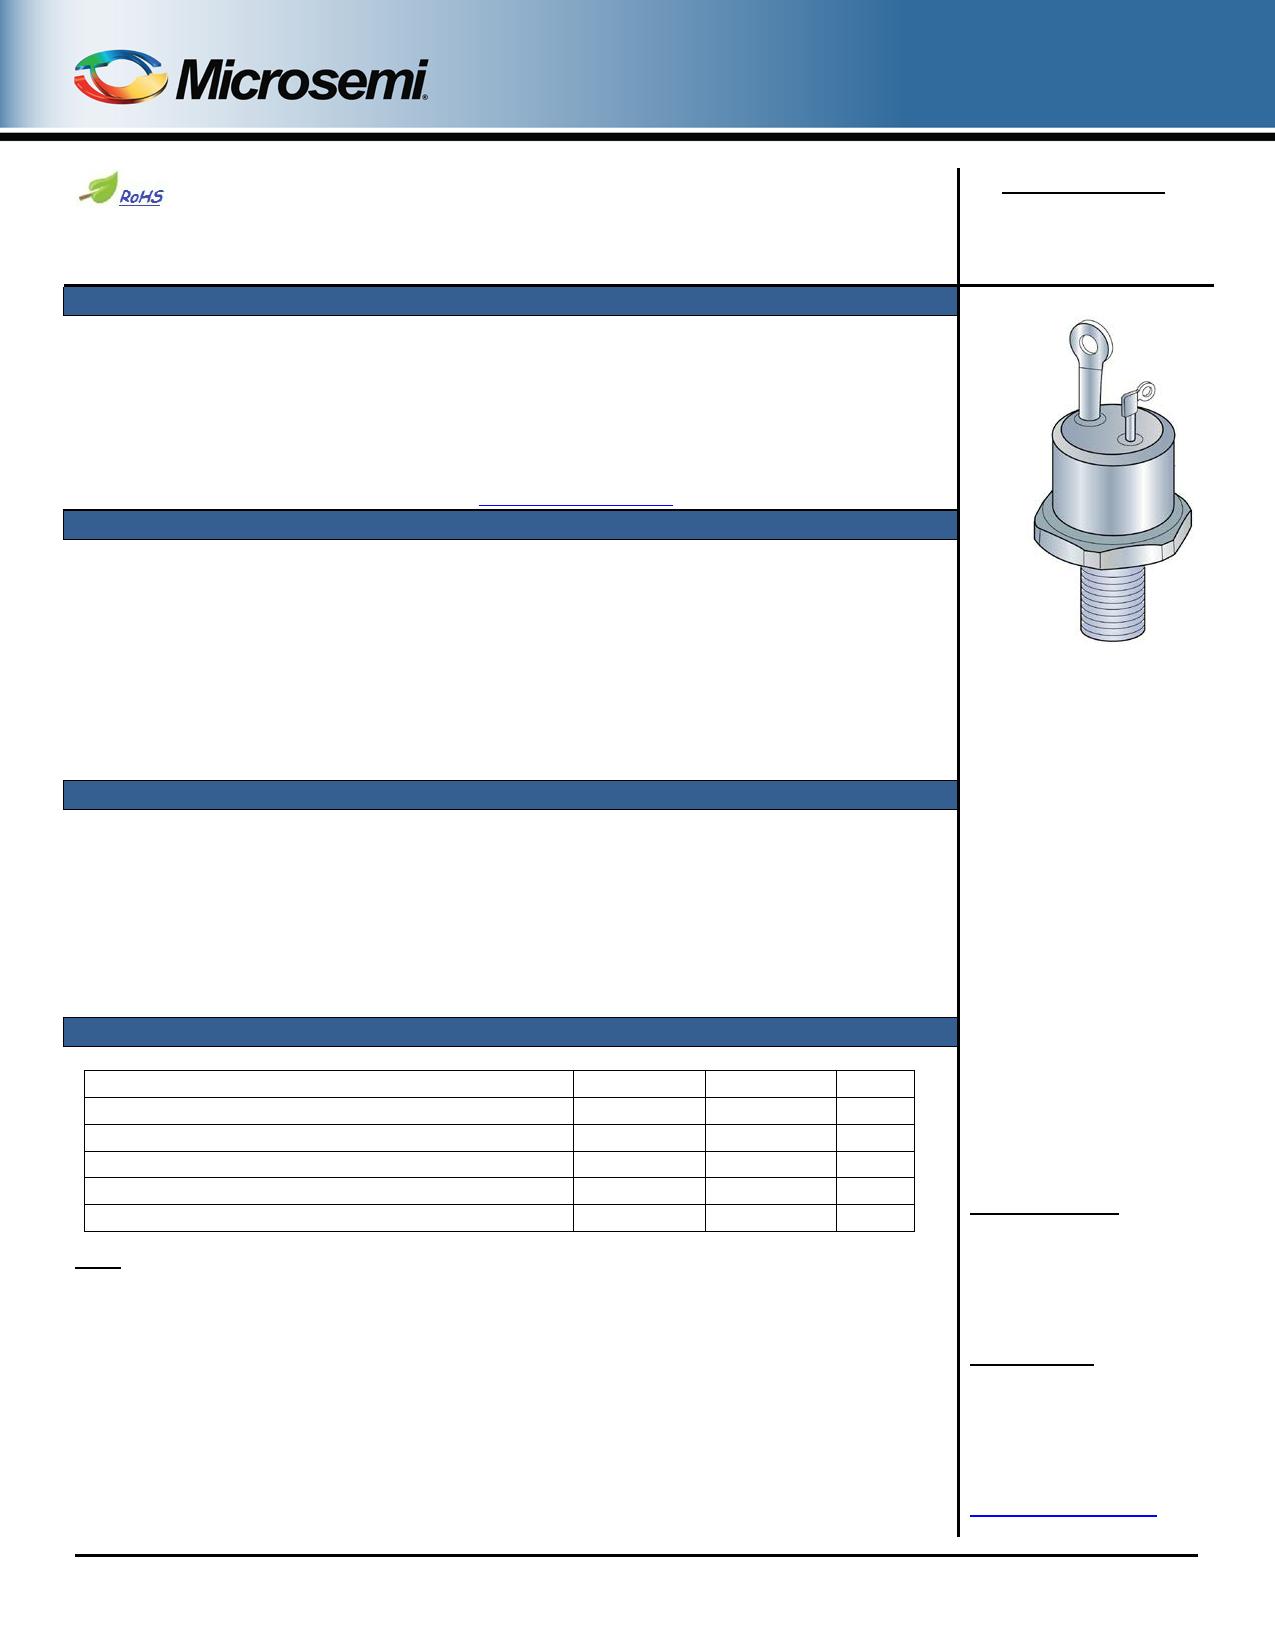 2N690 데이터시트 및 2N690 PDF